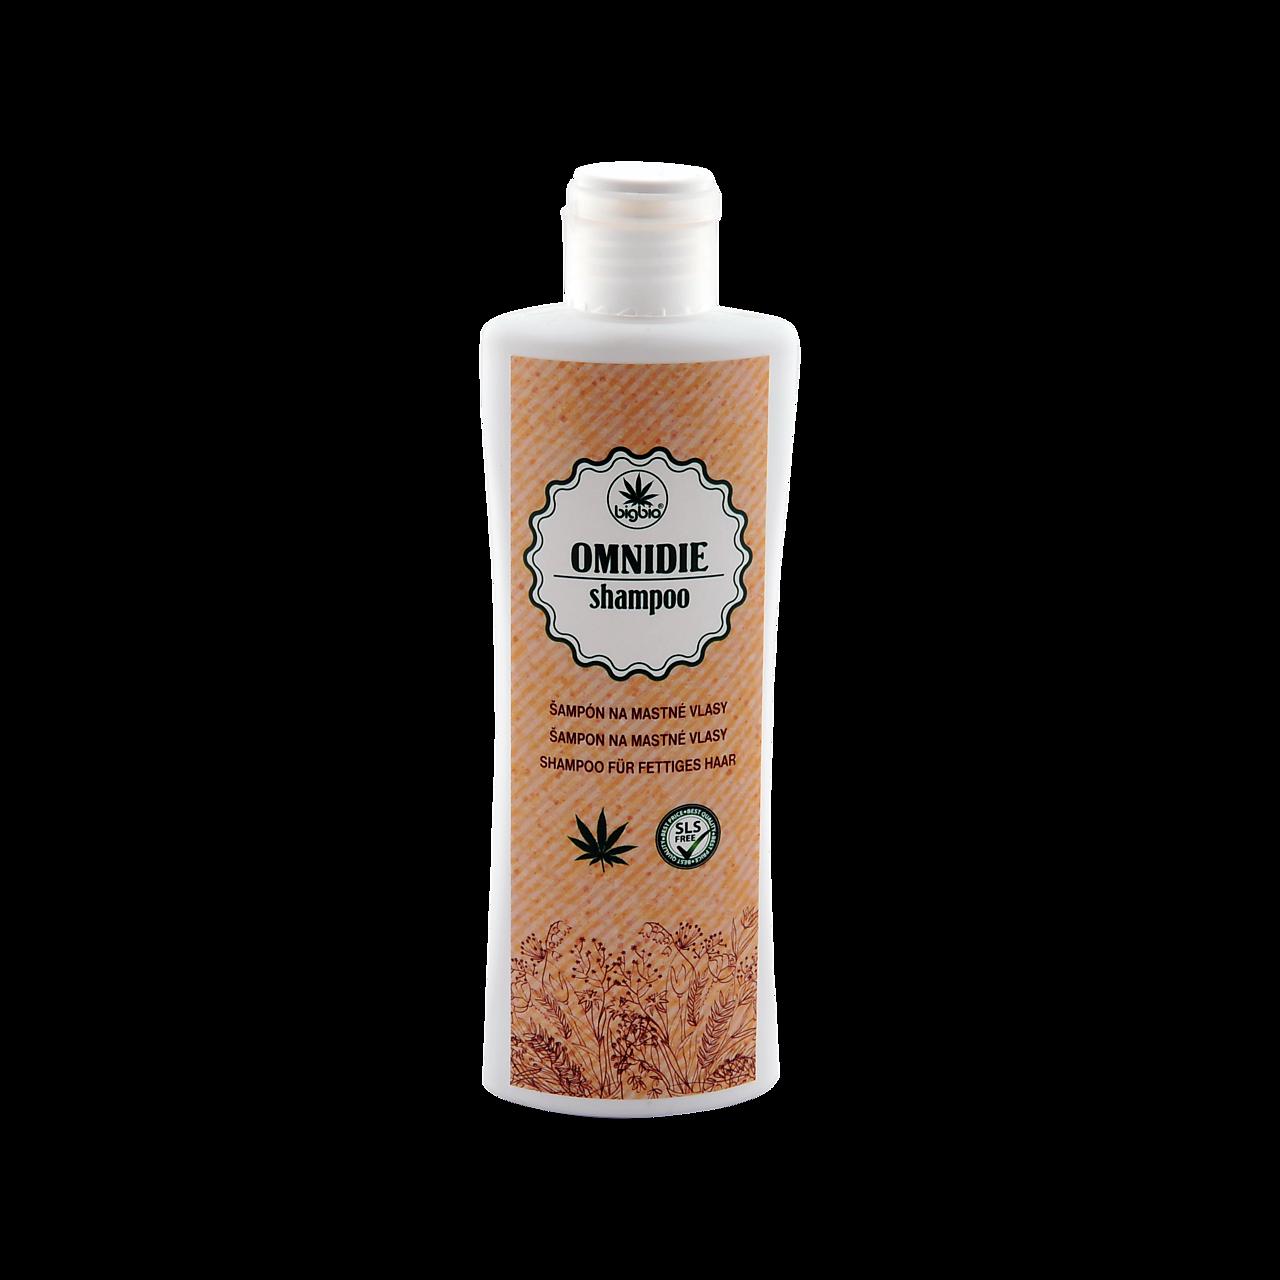 Omnidie - šampón na mastné vlasy 200ml